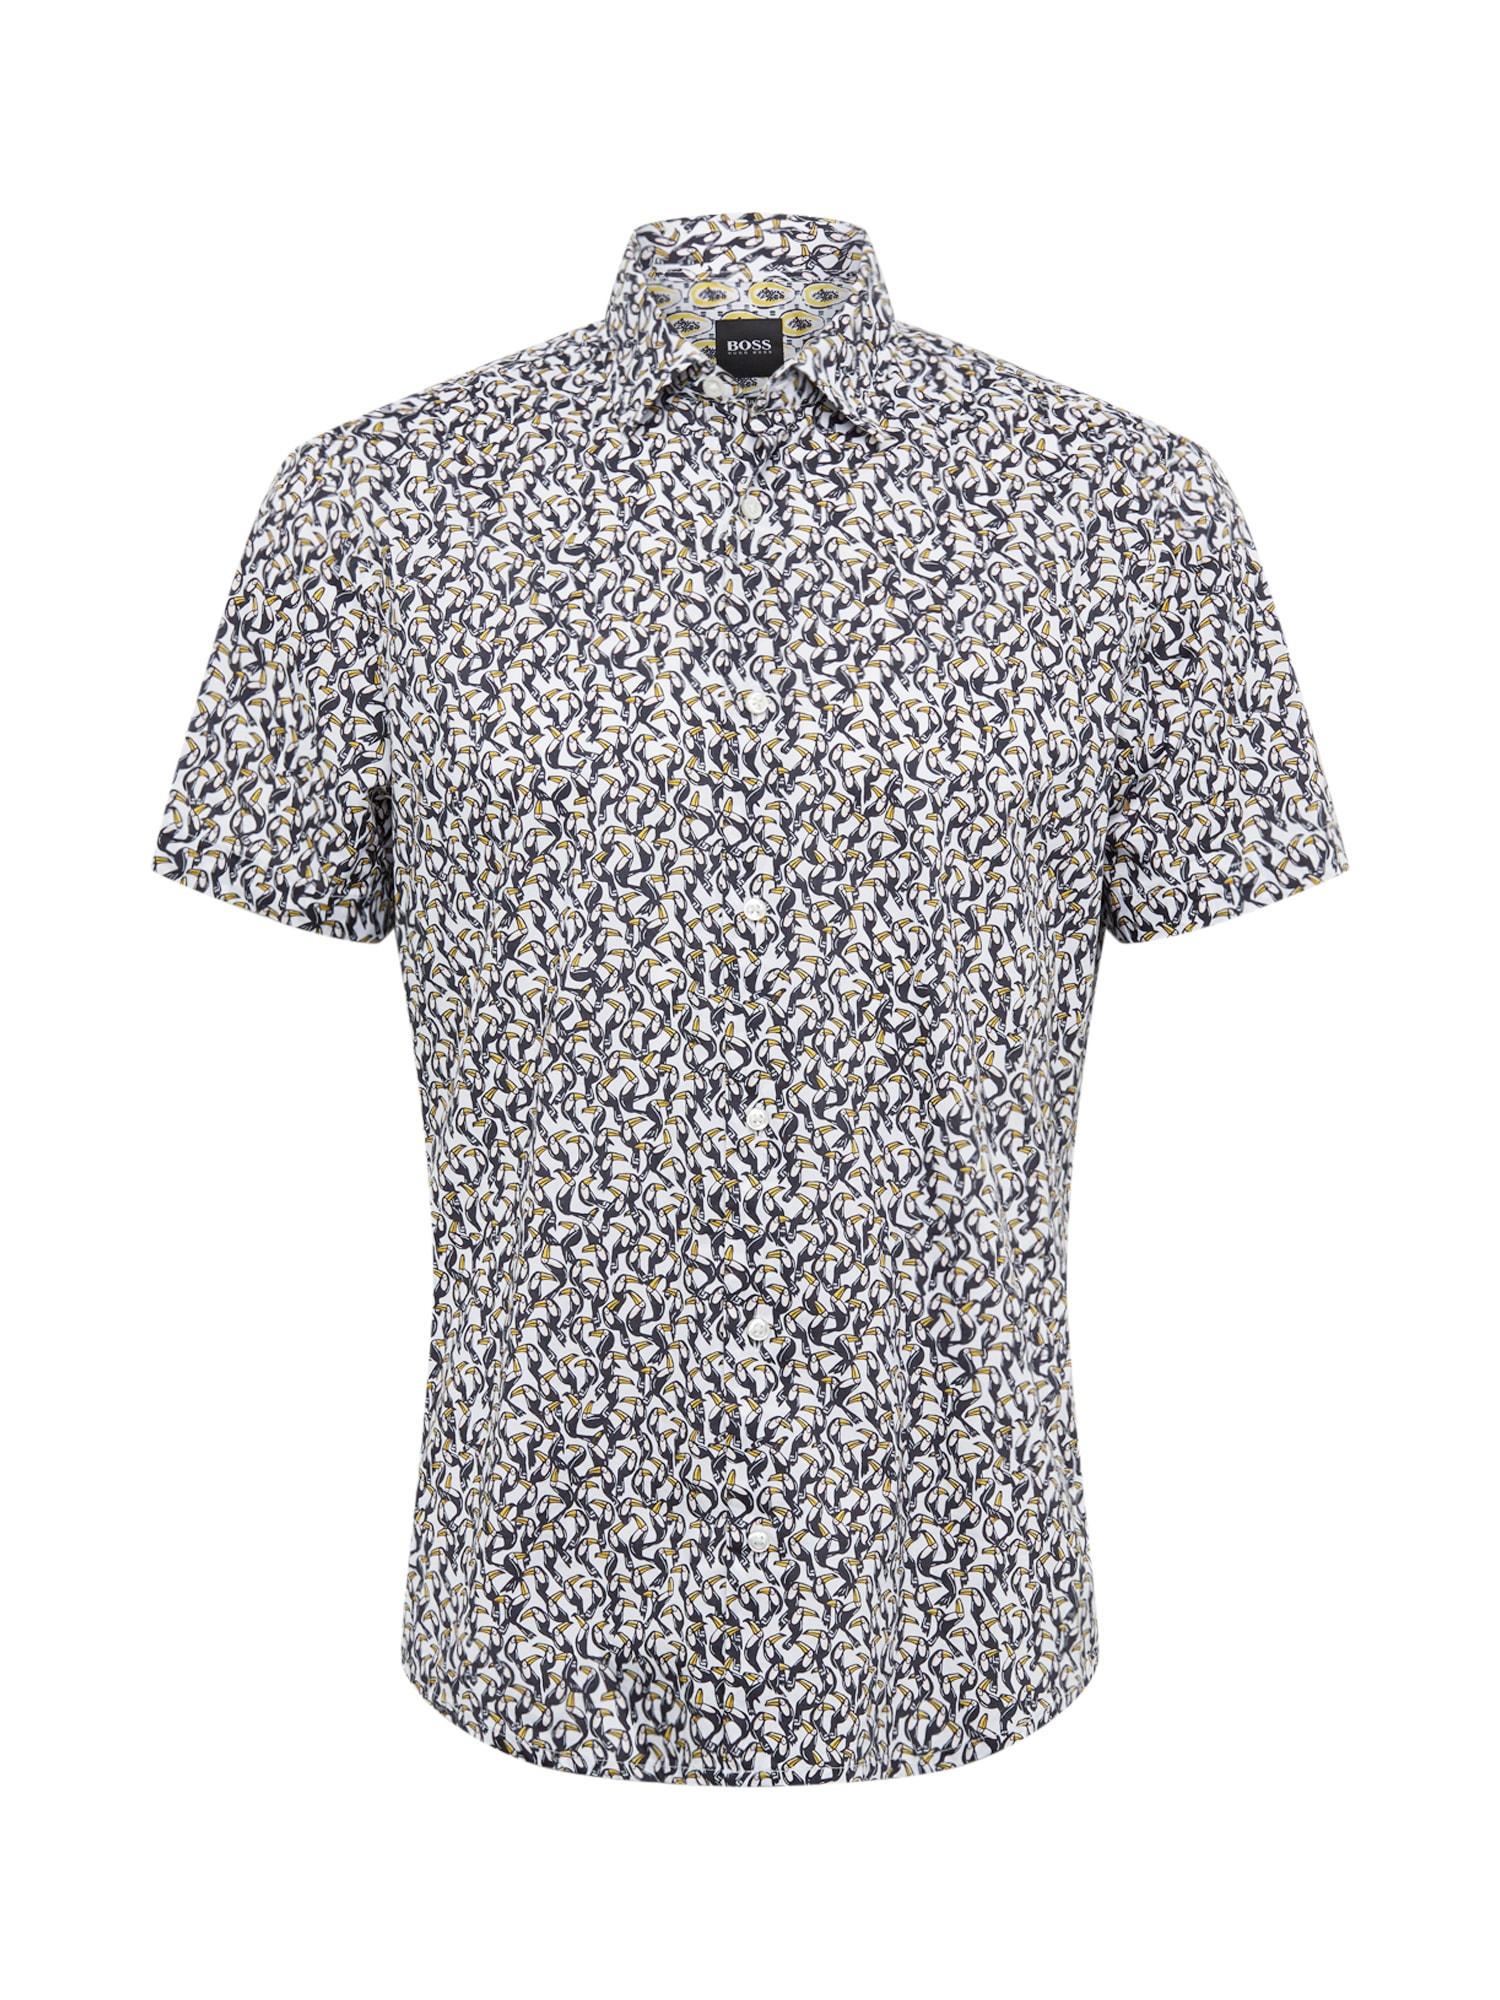 BOSS Dalykiniai marškiniai 'Rash' balta / mėlyna